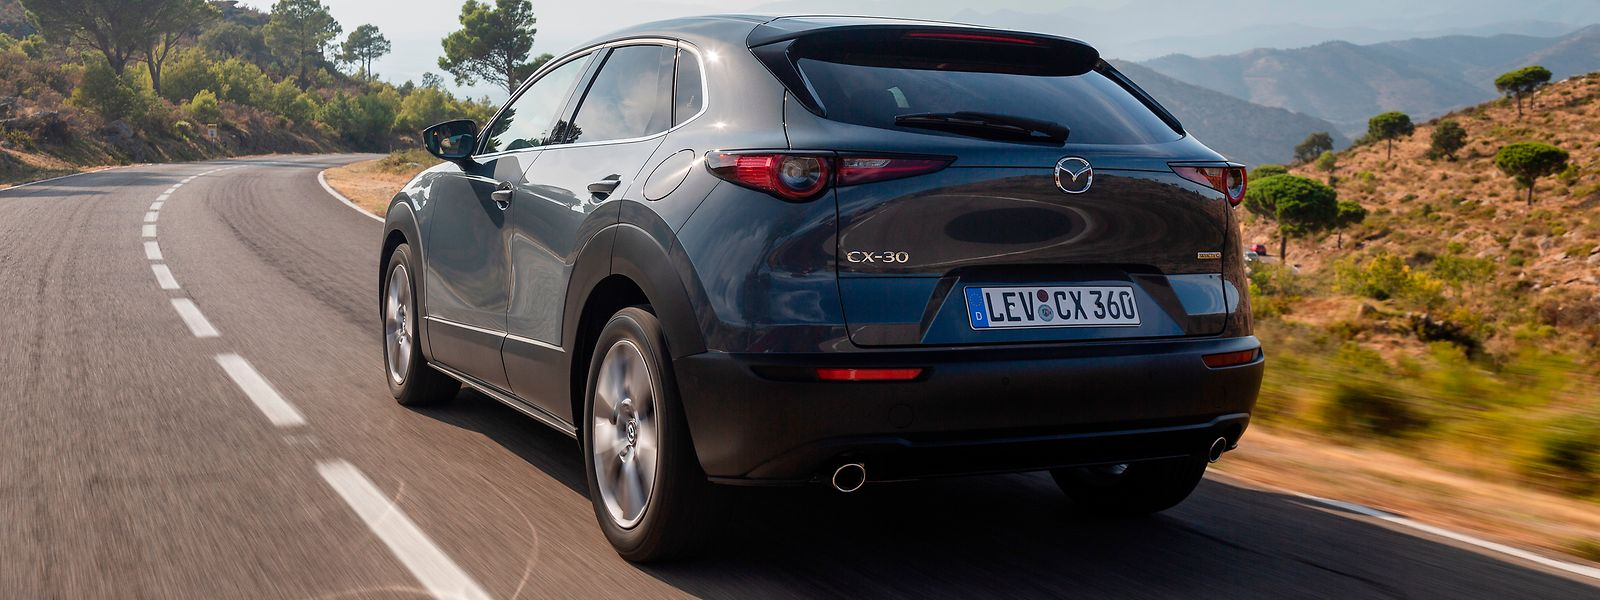 """""""Minimalistische Eleganz"""": Mazda verzichtet beim knapp 4,40 Meter langen CX-30 auf überflüssige Designspielereien."""